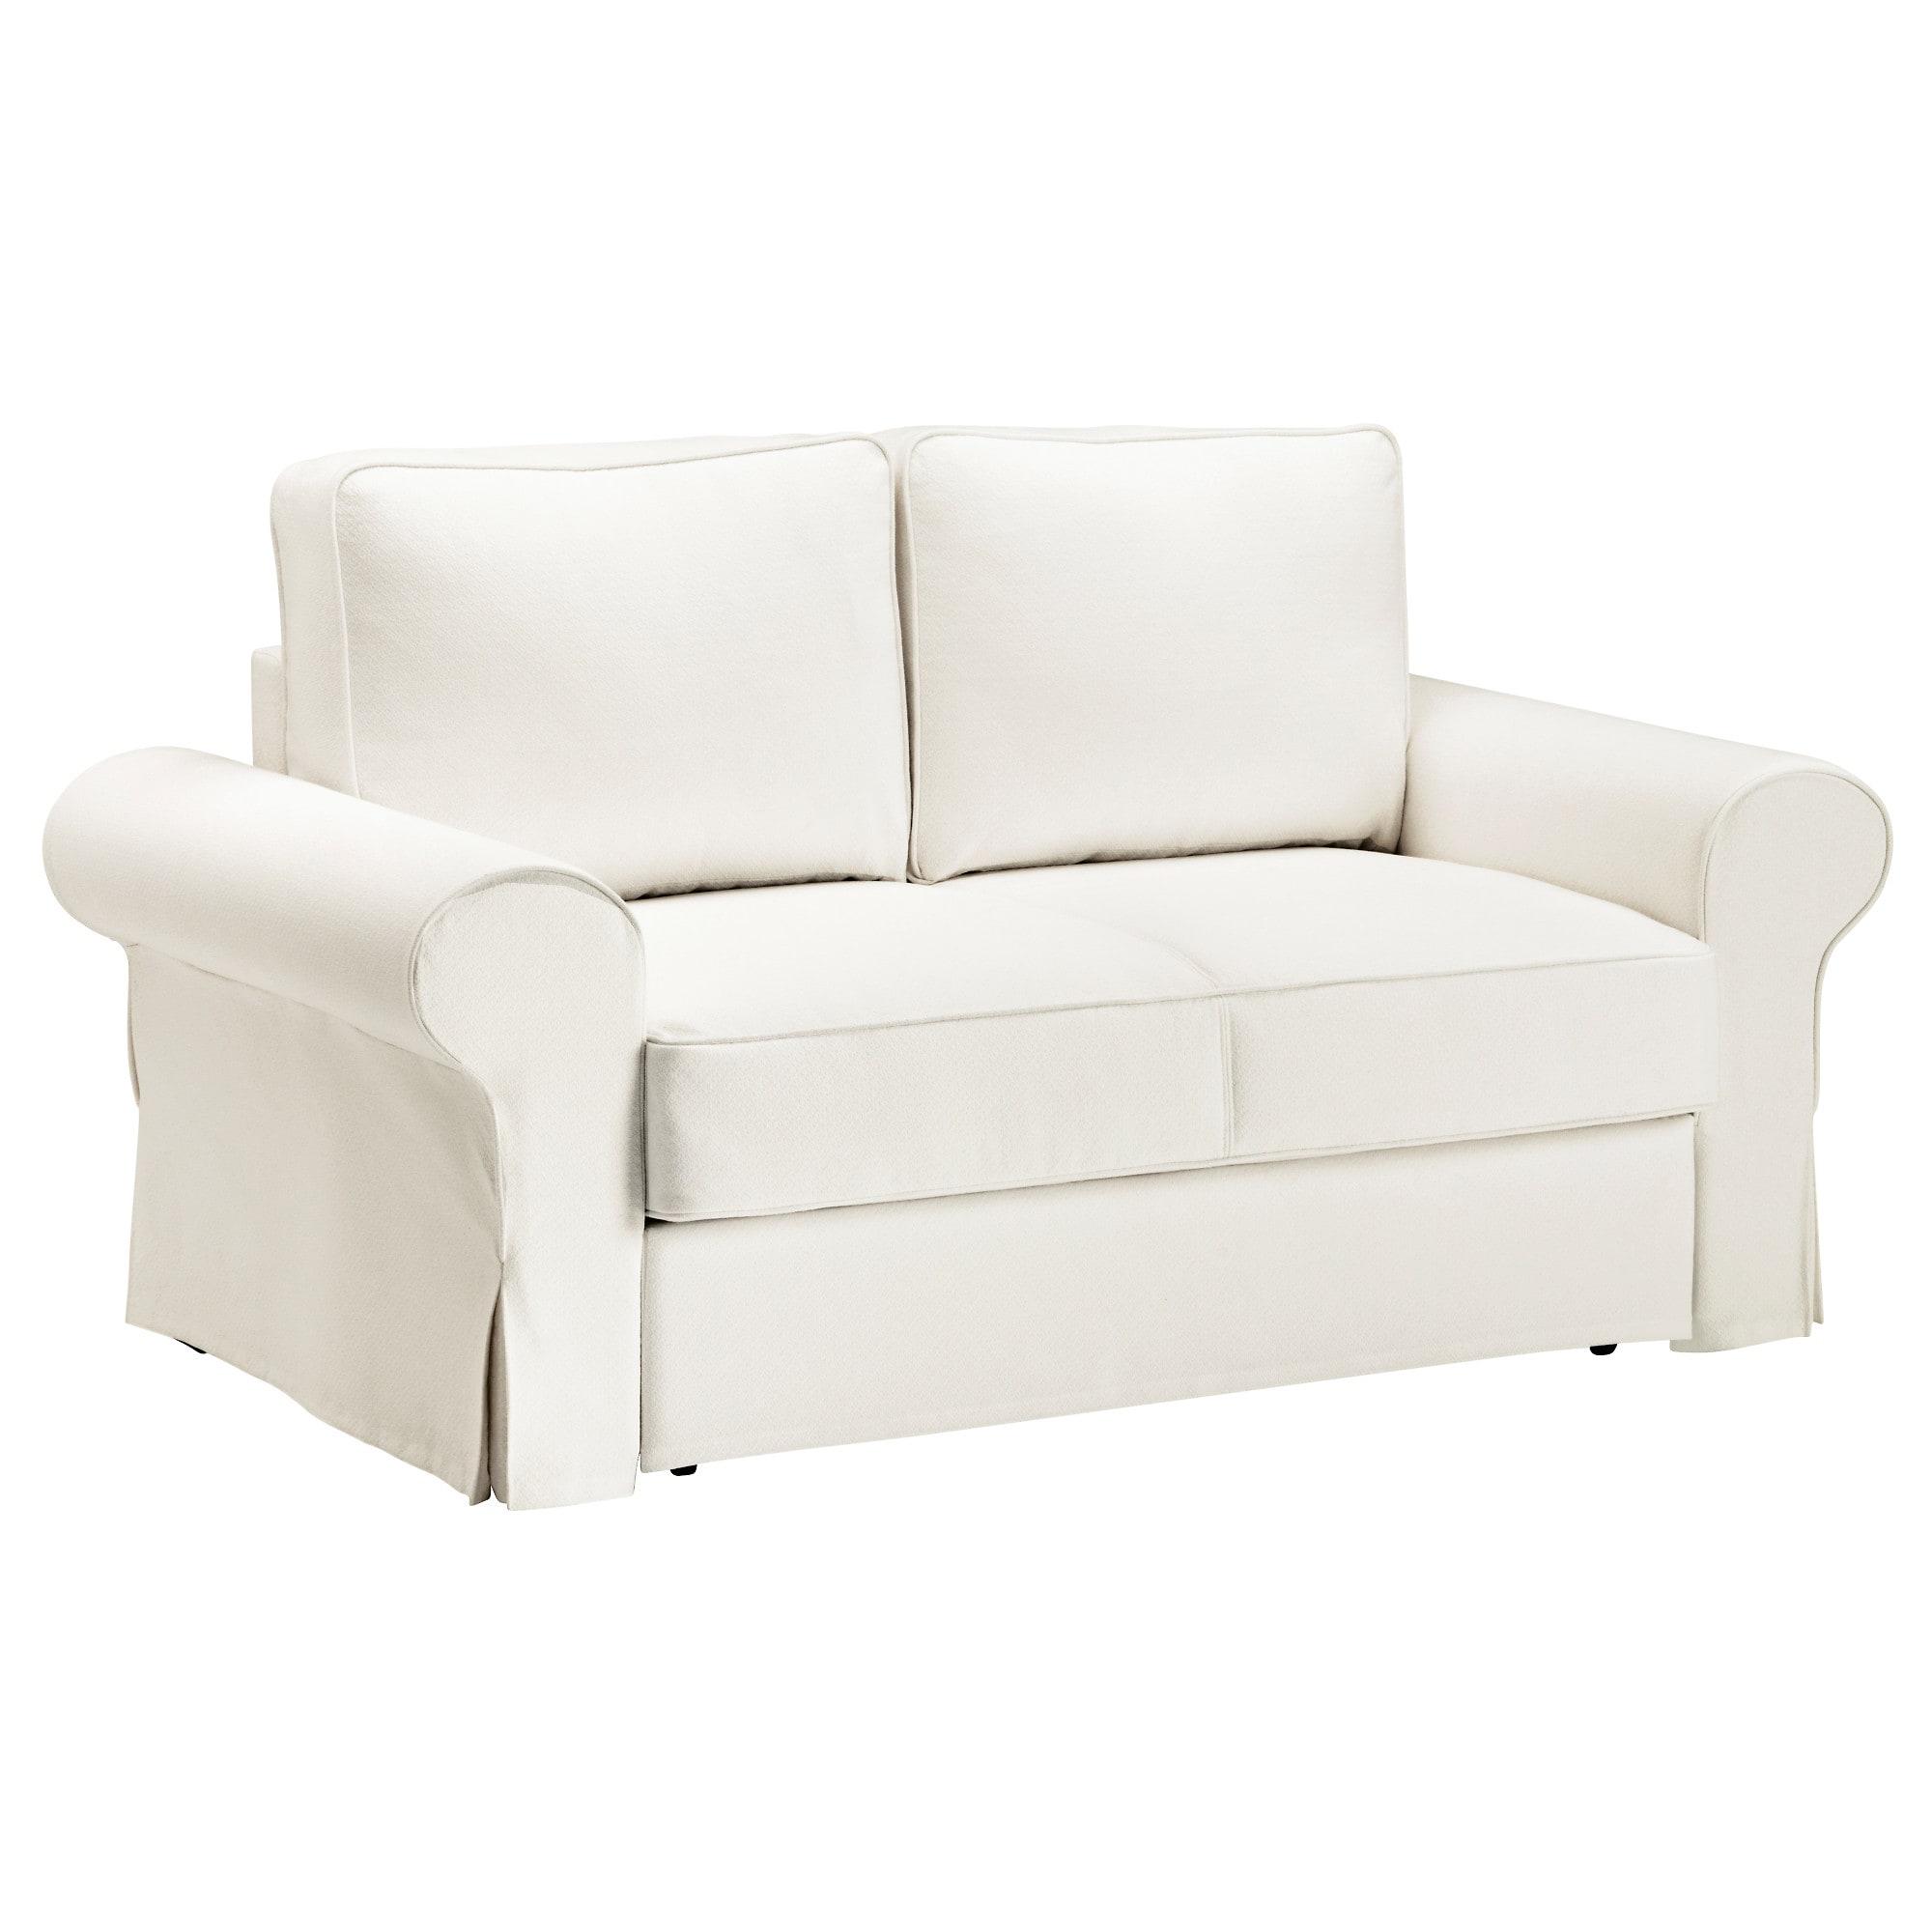 Fundas Para sofa Cama Mndw Backabro Funda Para sofà Cama 2 Plazas Hylte Blanco Ikea